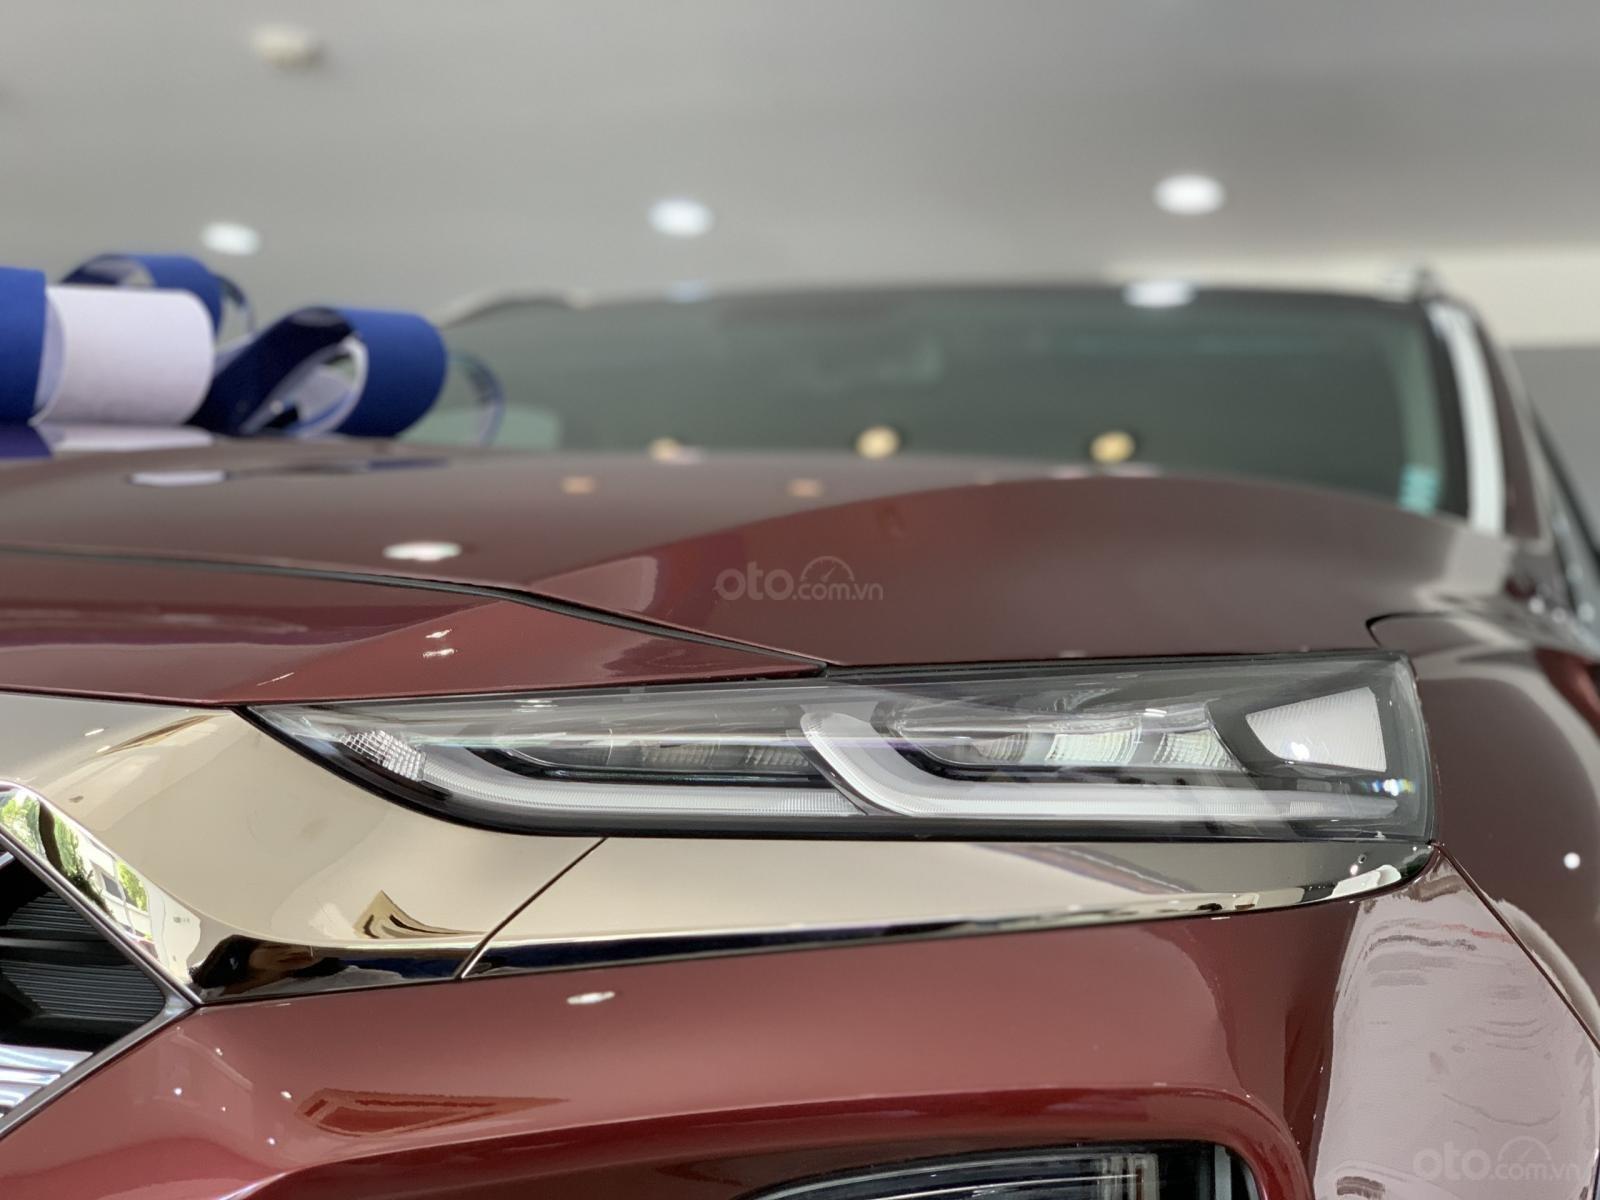 Hyundai Santafe bản đặc biệt nhiều ưu đãi hấp dẫn, khuyến mãi ngập tràn (4)